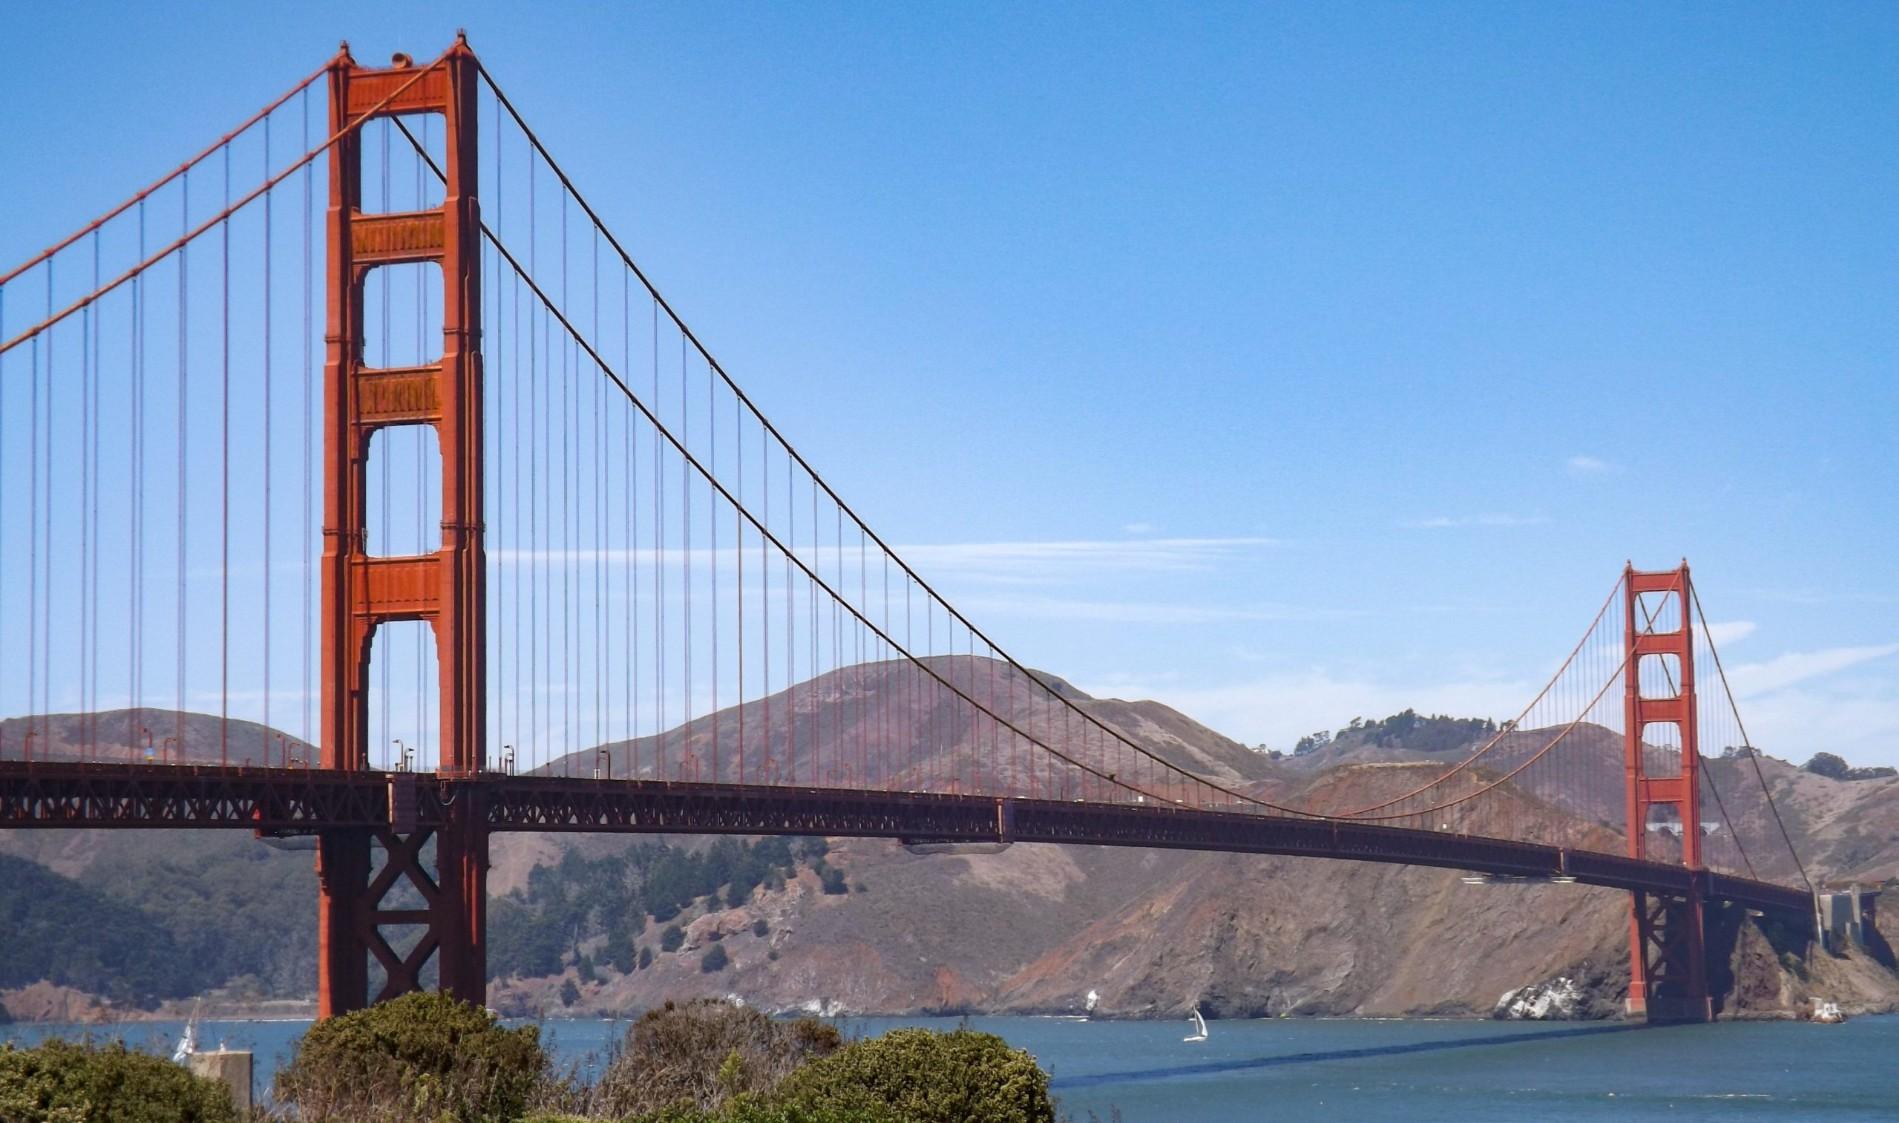 Fietsen over de Golden Gate Bridge is het leukste uitje in San Francisco